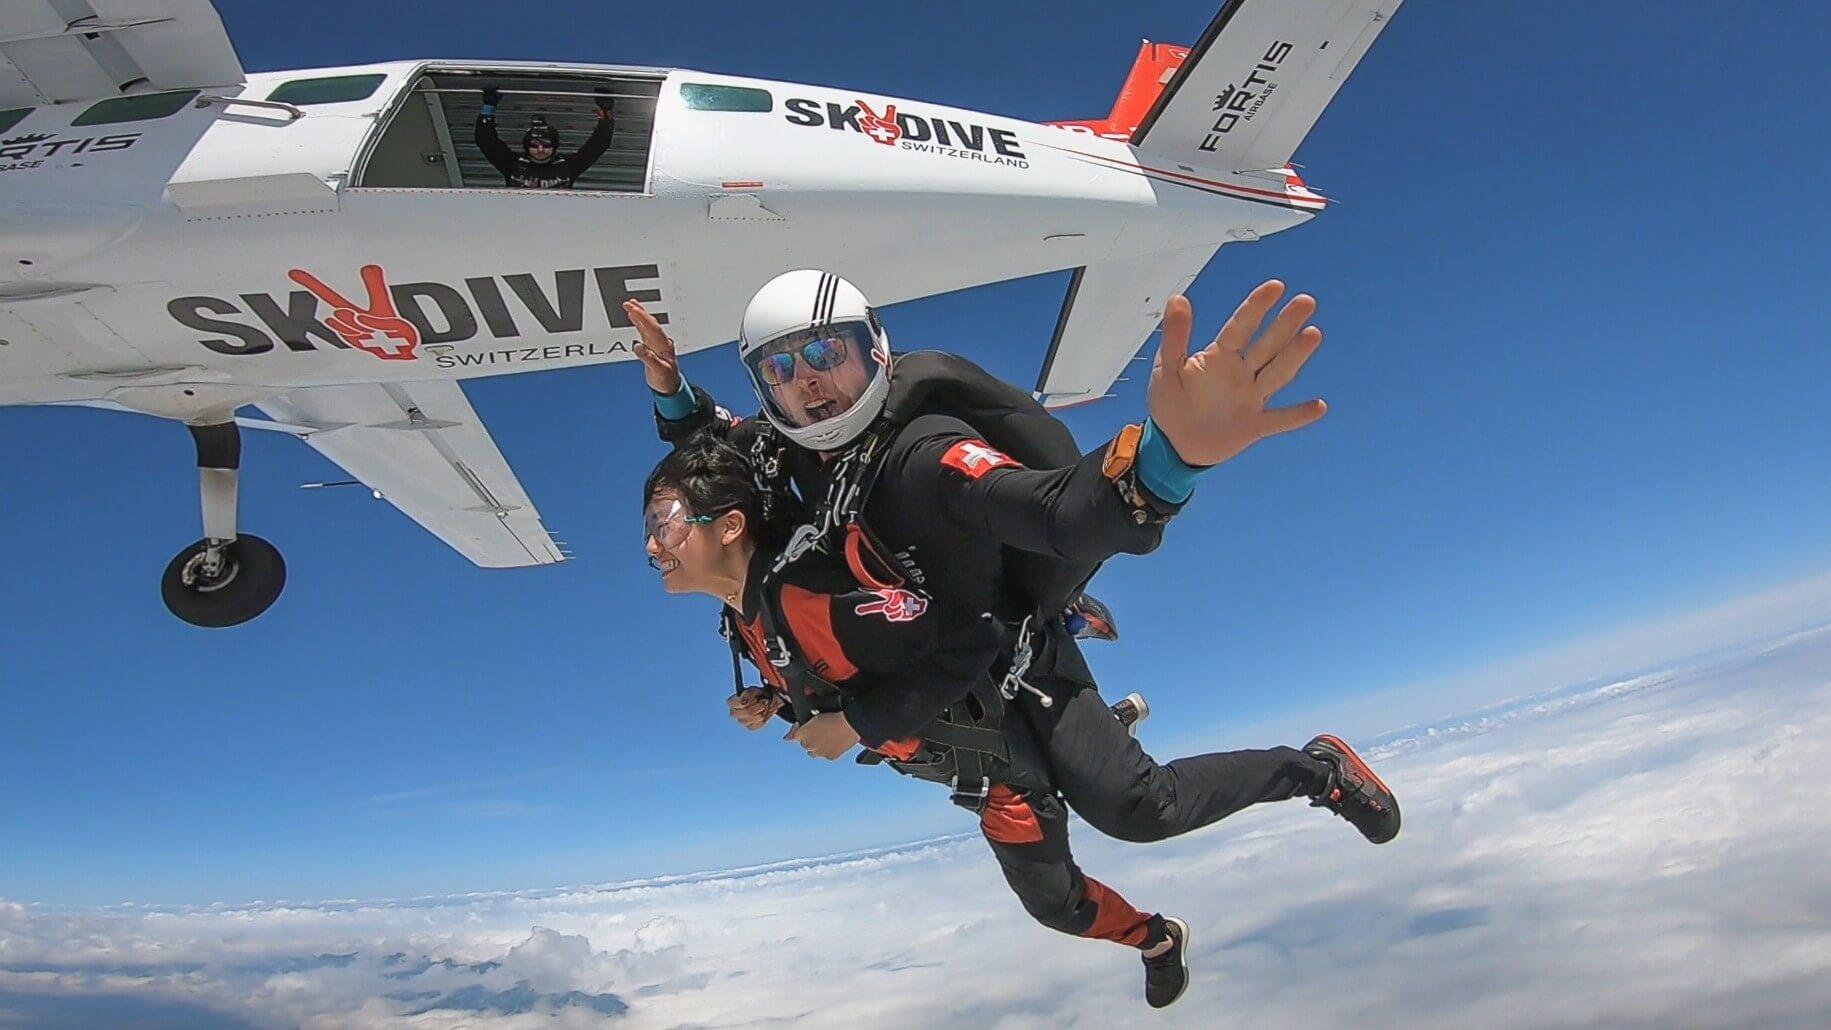 skydive-switzerland-sprung-flugzeug-wolken